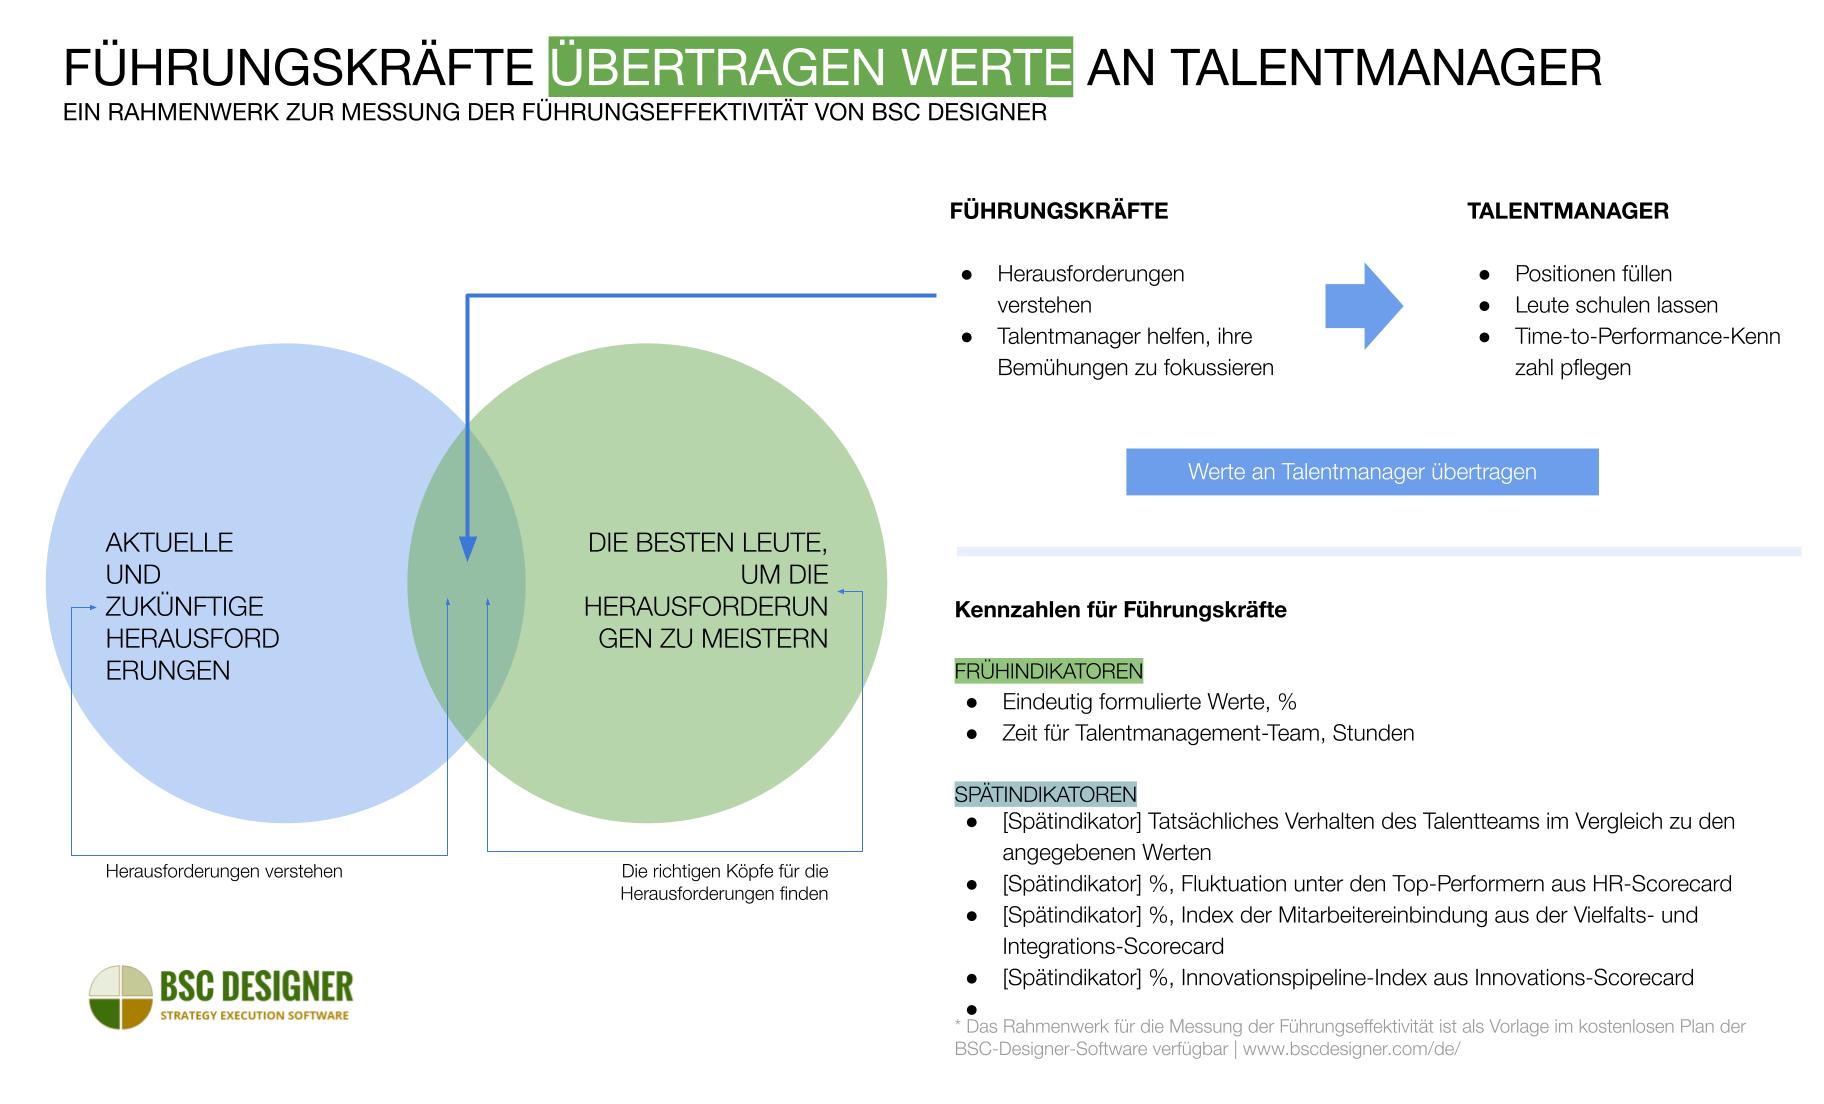 Die Rolle von Führungskräften im Talentmanagement